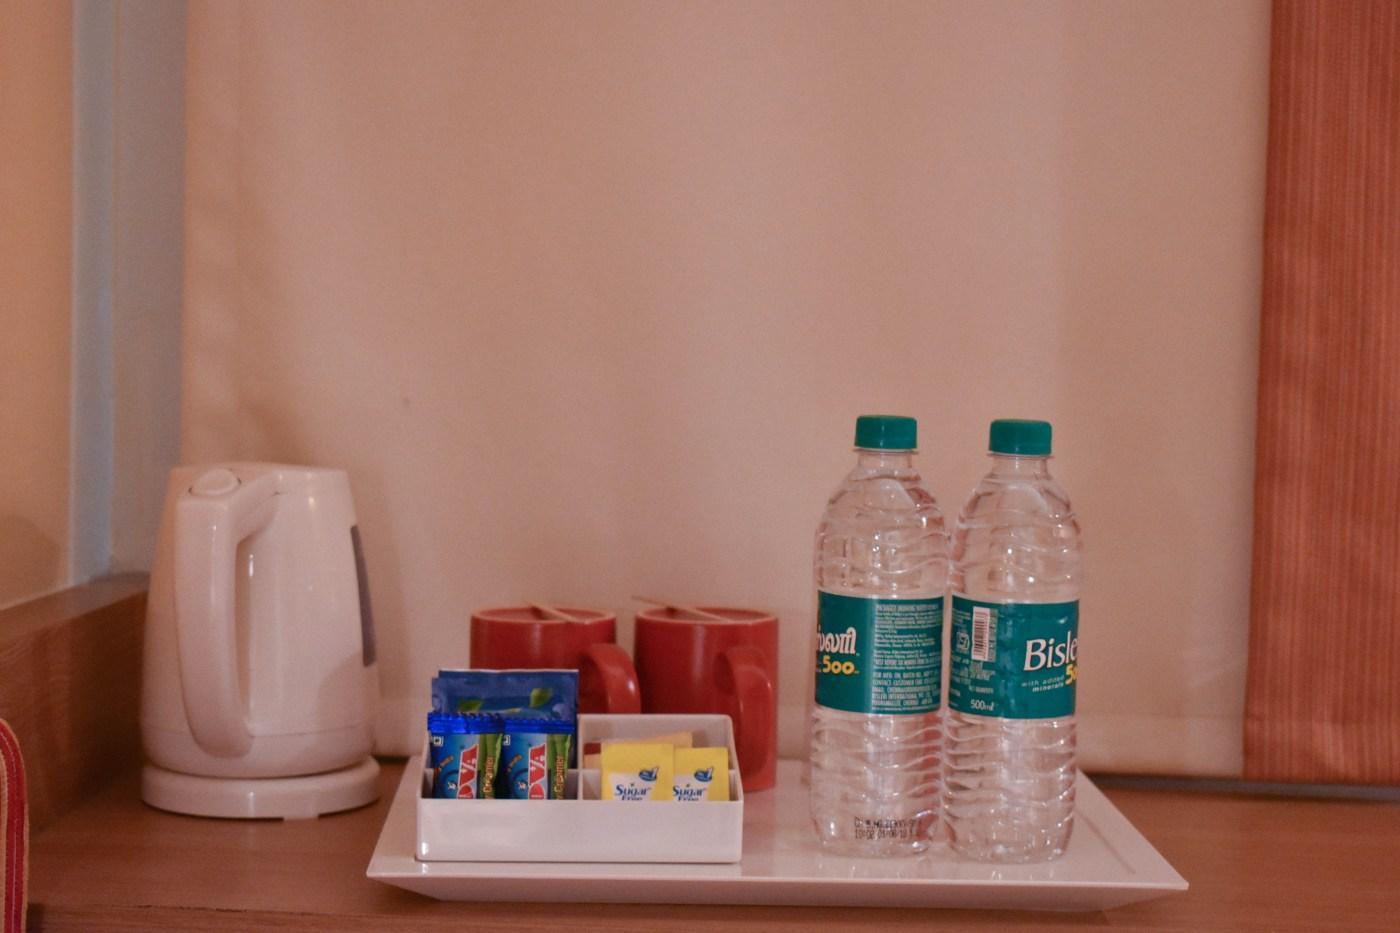 IBIS room amenities